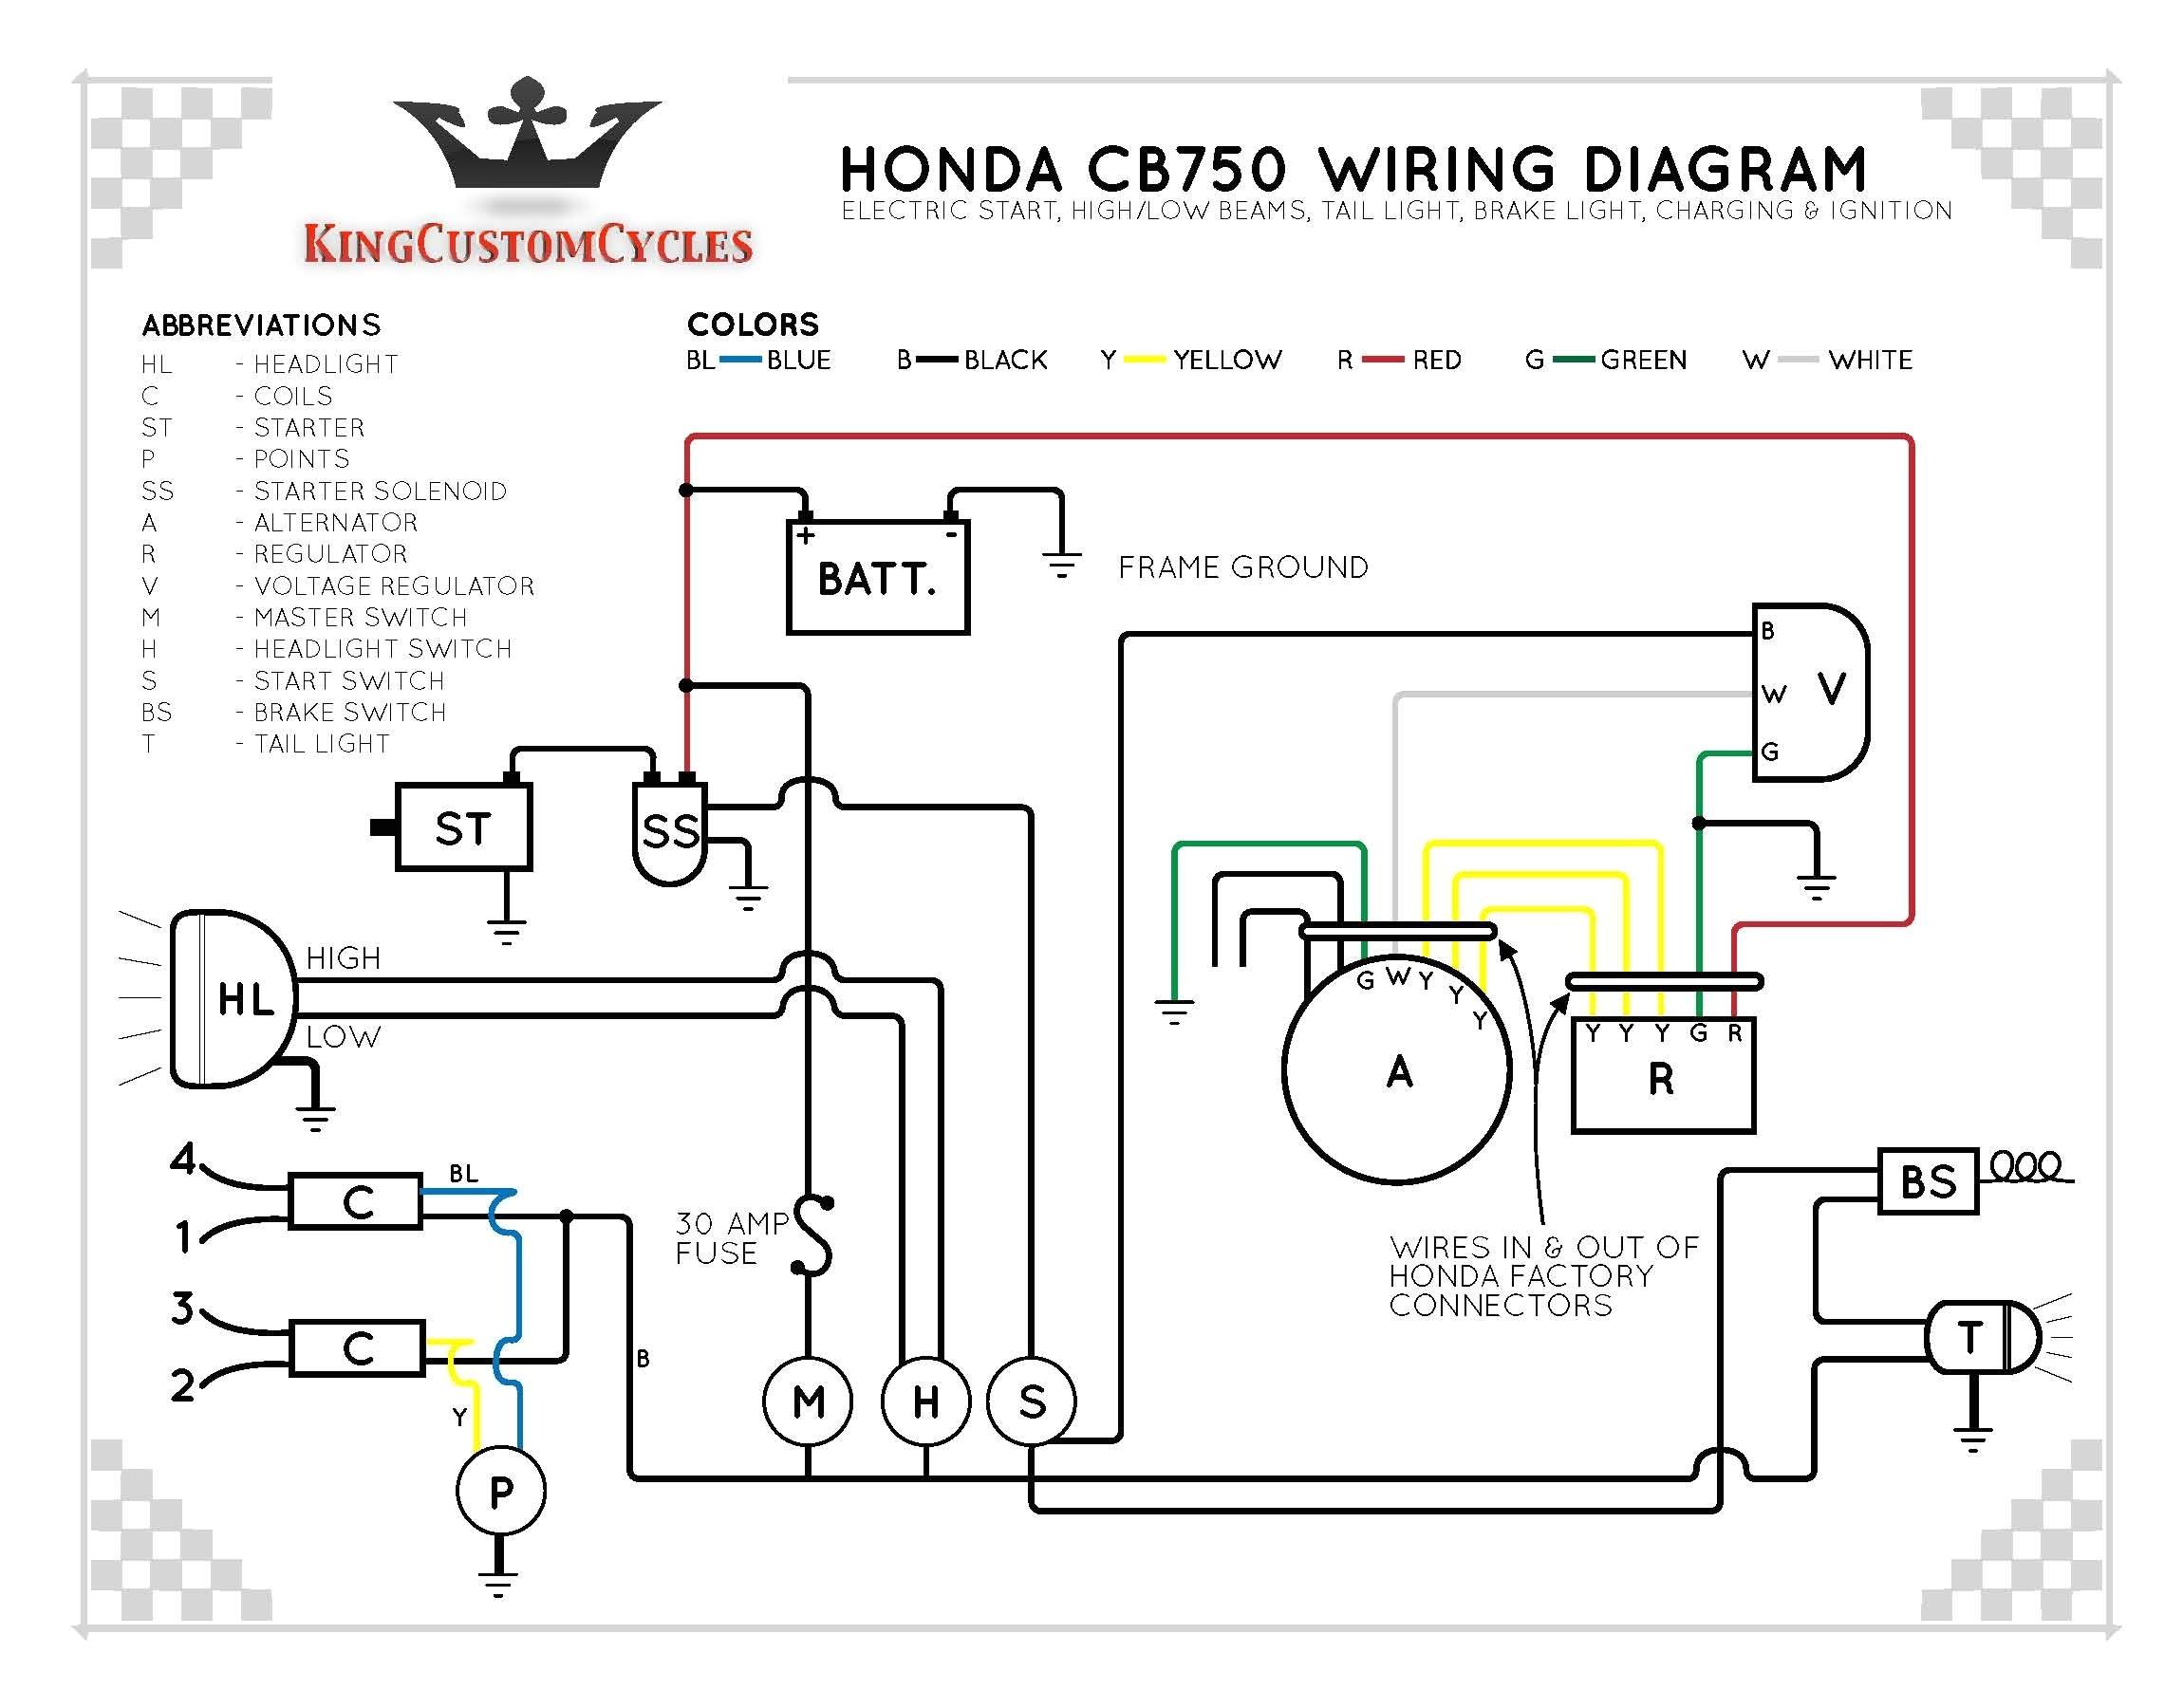 wiring schlage diagram 405xasrb wiring diagram post honda cb750 wiring schematic wiring diagram name wiring schlage